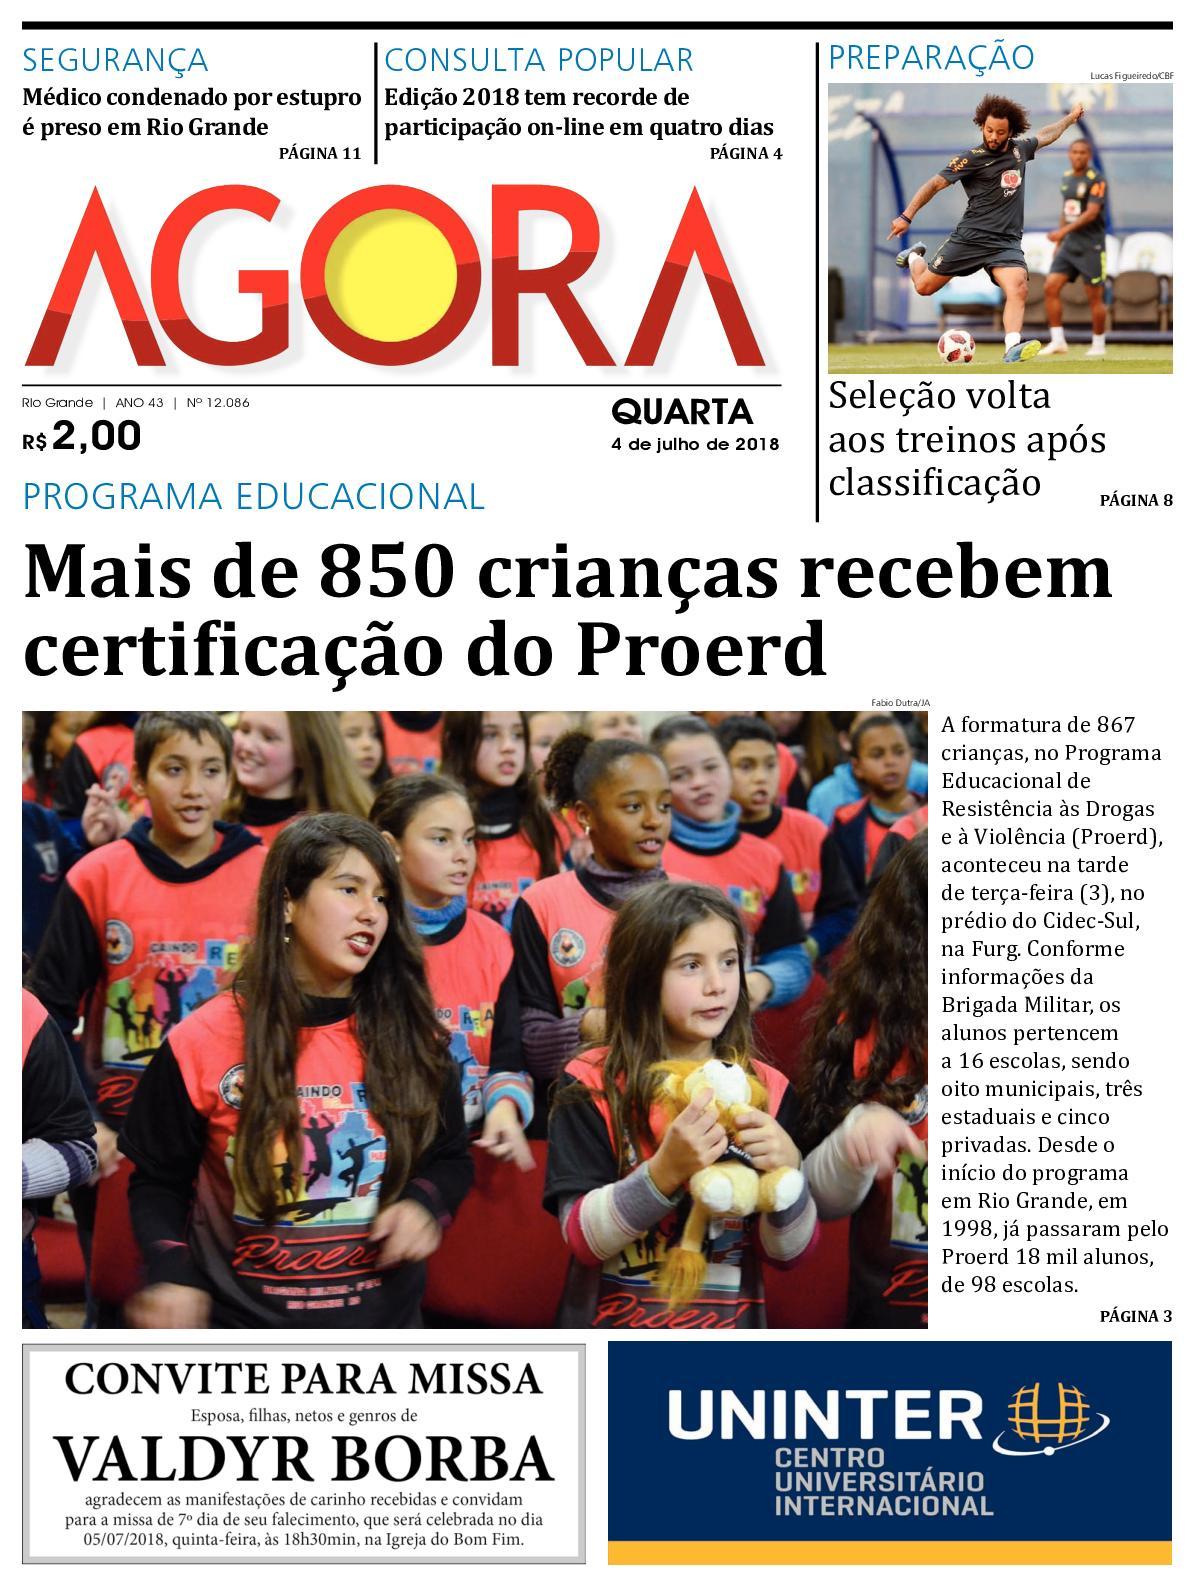 87d0a02378a Calaméo - Jornal Agora - Edição 12086 - 4 de Julho de 2018